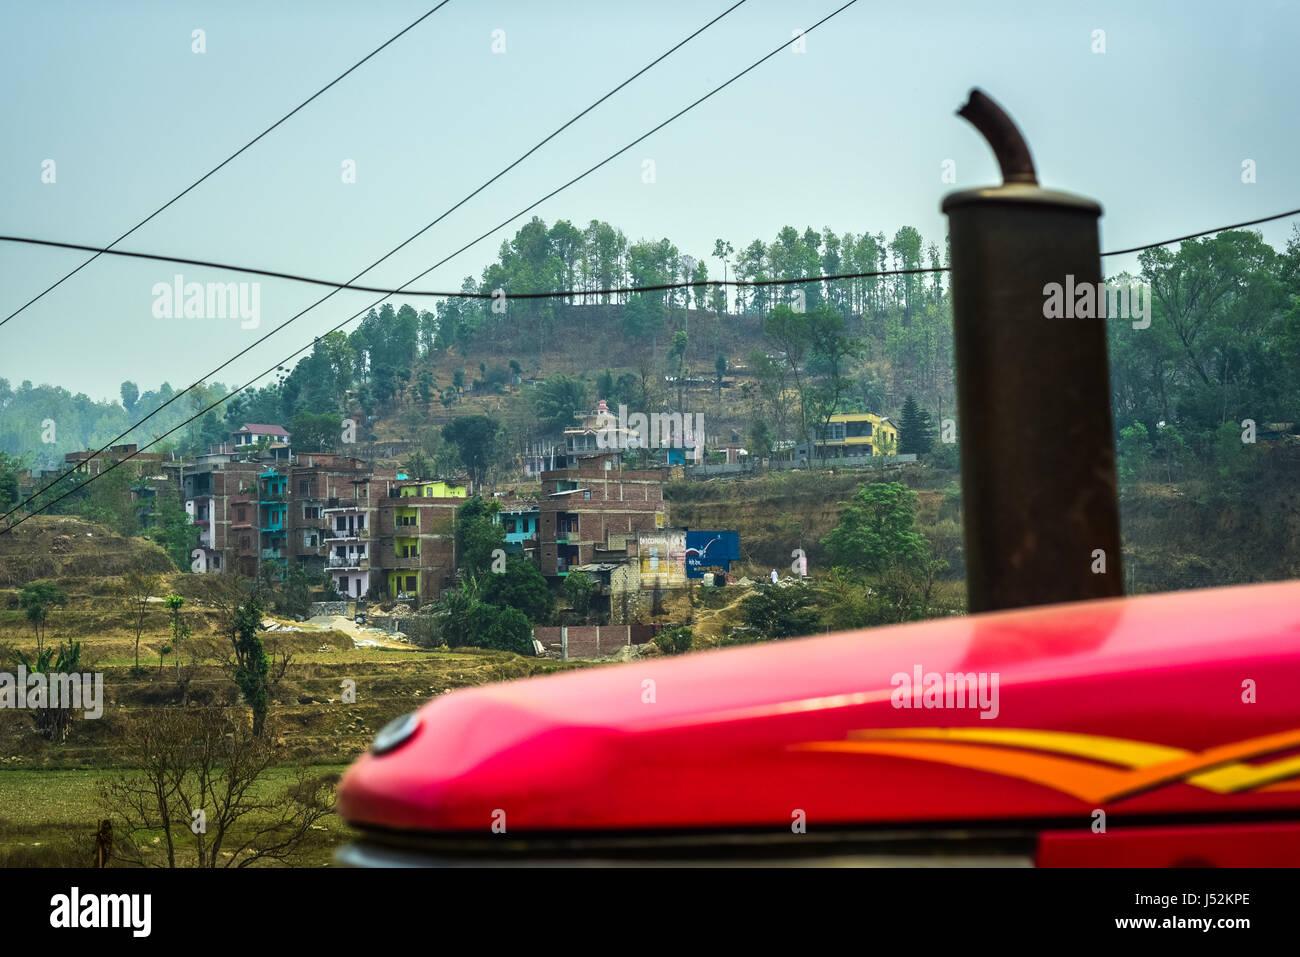 Nepalesische Landschaft mit ein Schornstein von einem LKW und Stromleitungen. Stockbild